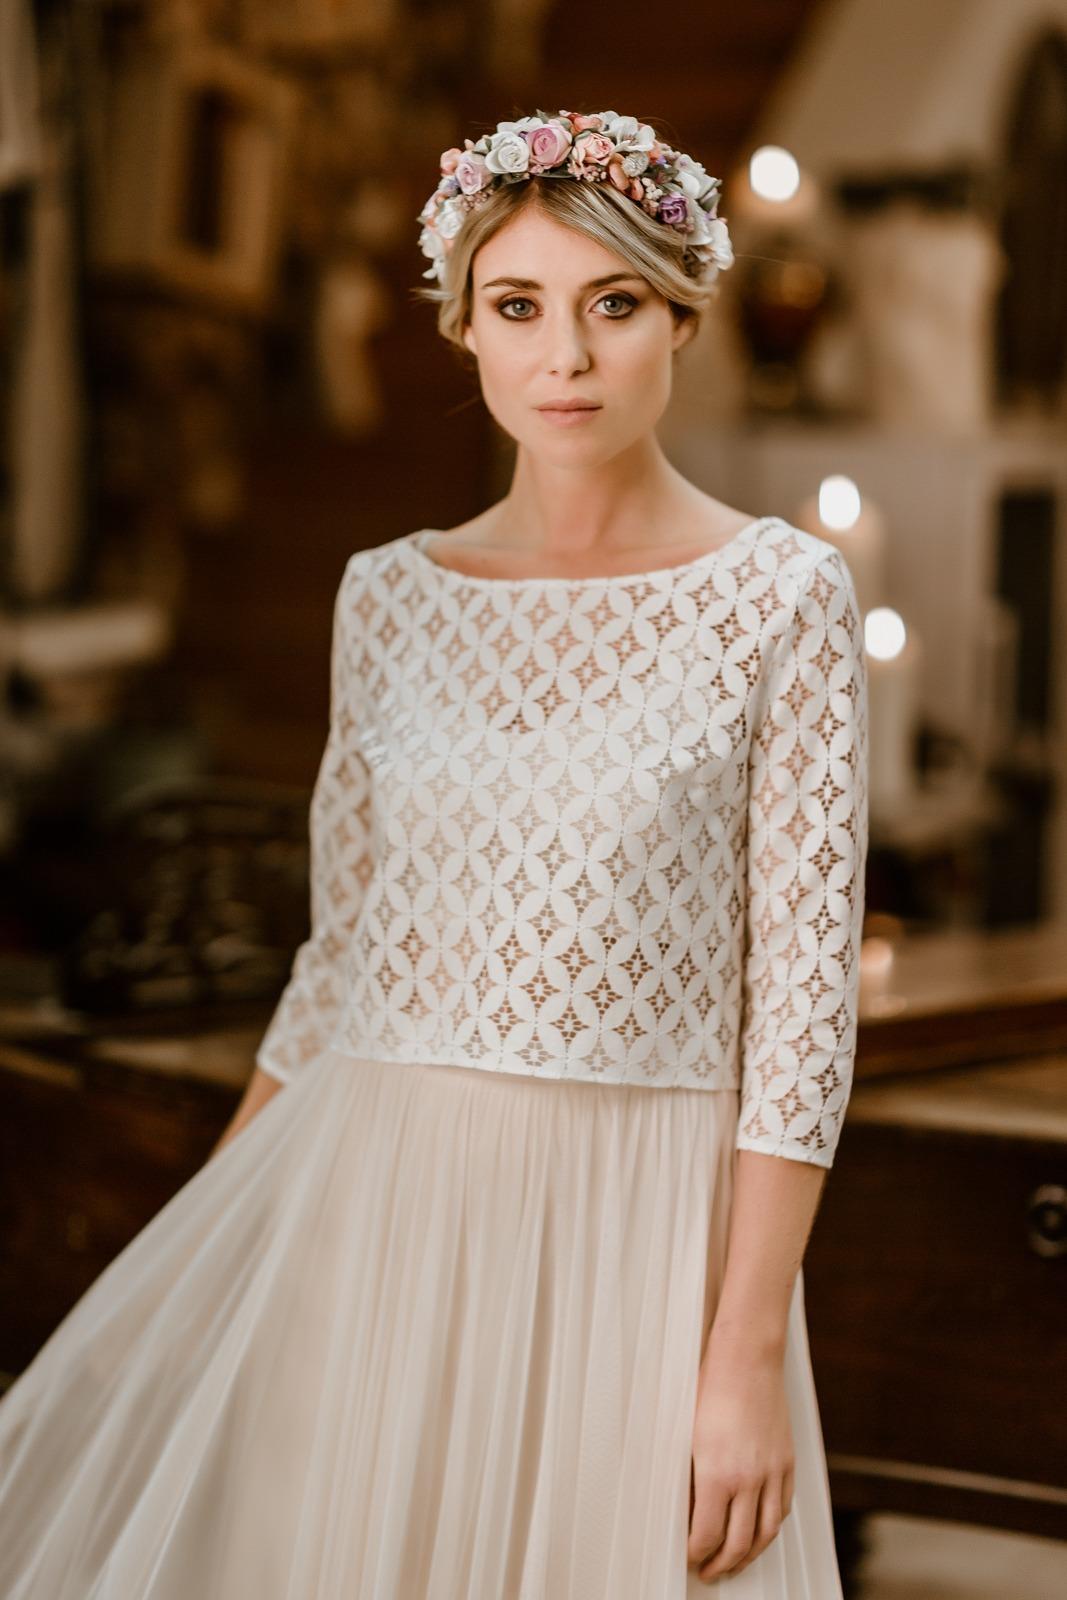 noni Jubiläumskollektion | langes Brautkleid mit Tüllrock in Puderrosa und Spitzentop, Vorderansicht (Foto: Le Hai Linh)